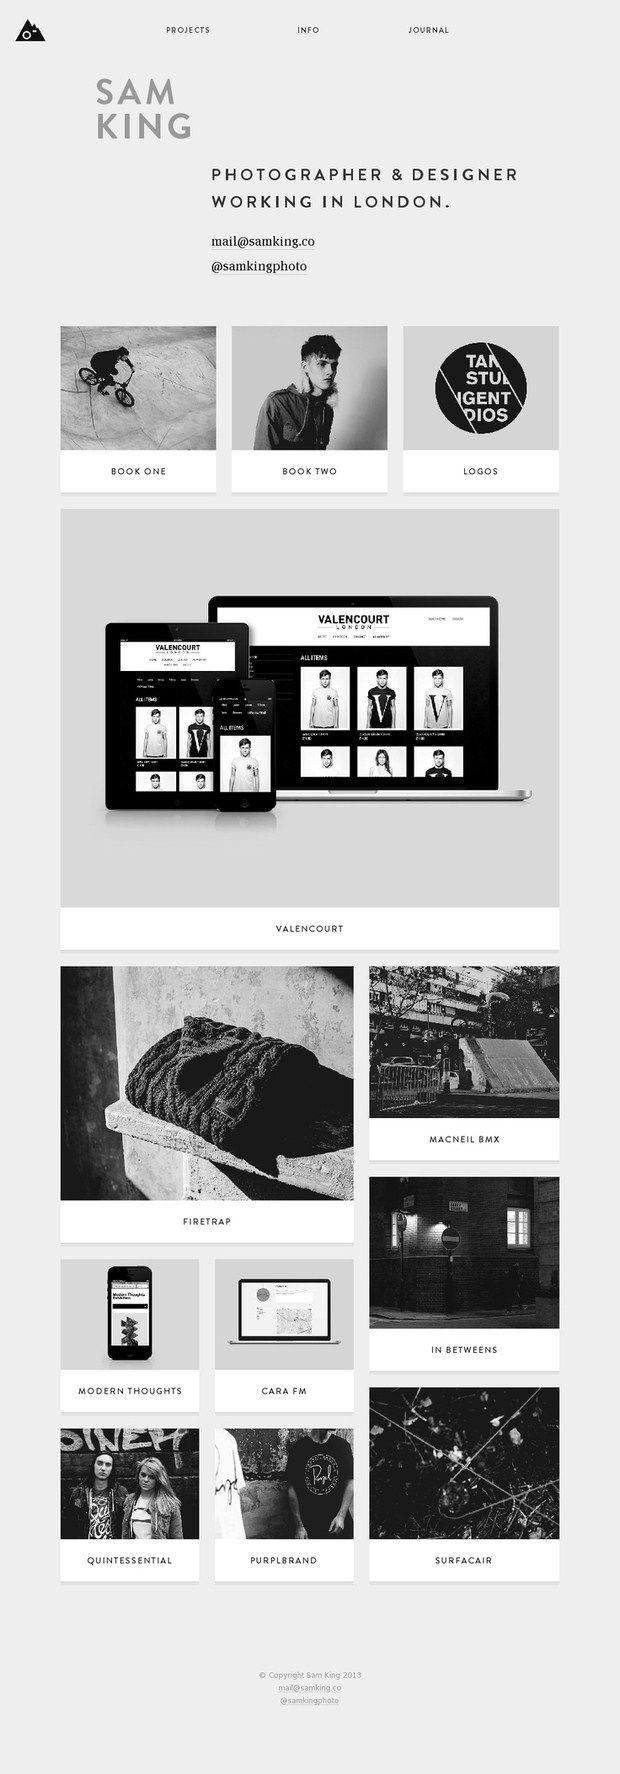 Sam King - Webpage of a Photographer & Designer | Design: UI/UX. Apps. Websites |